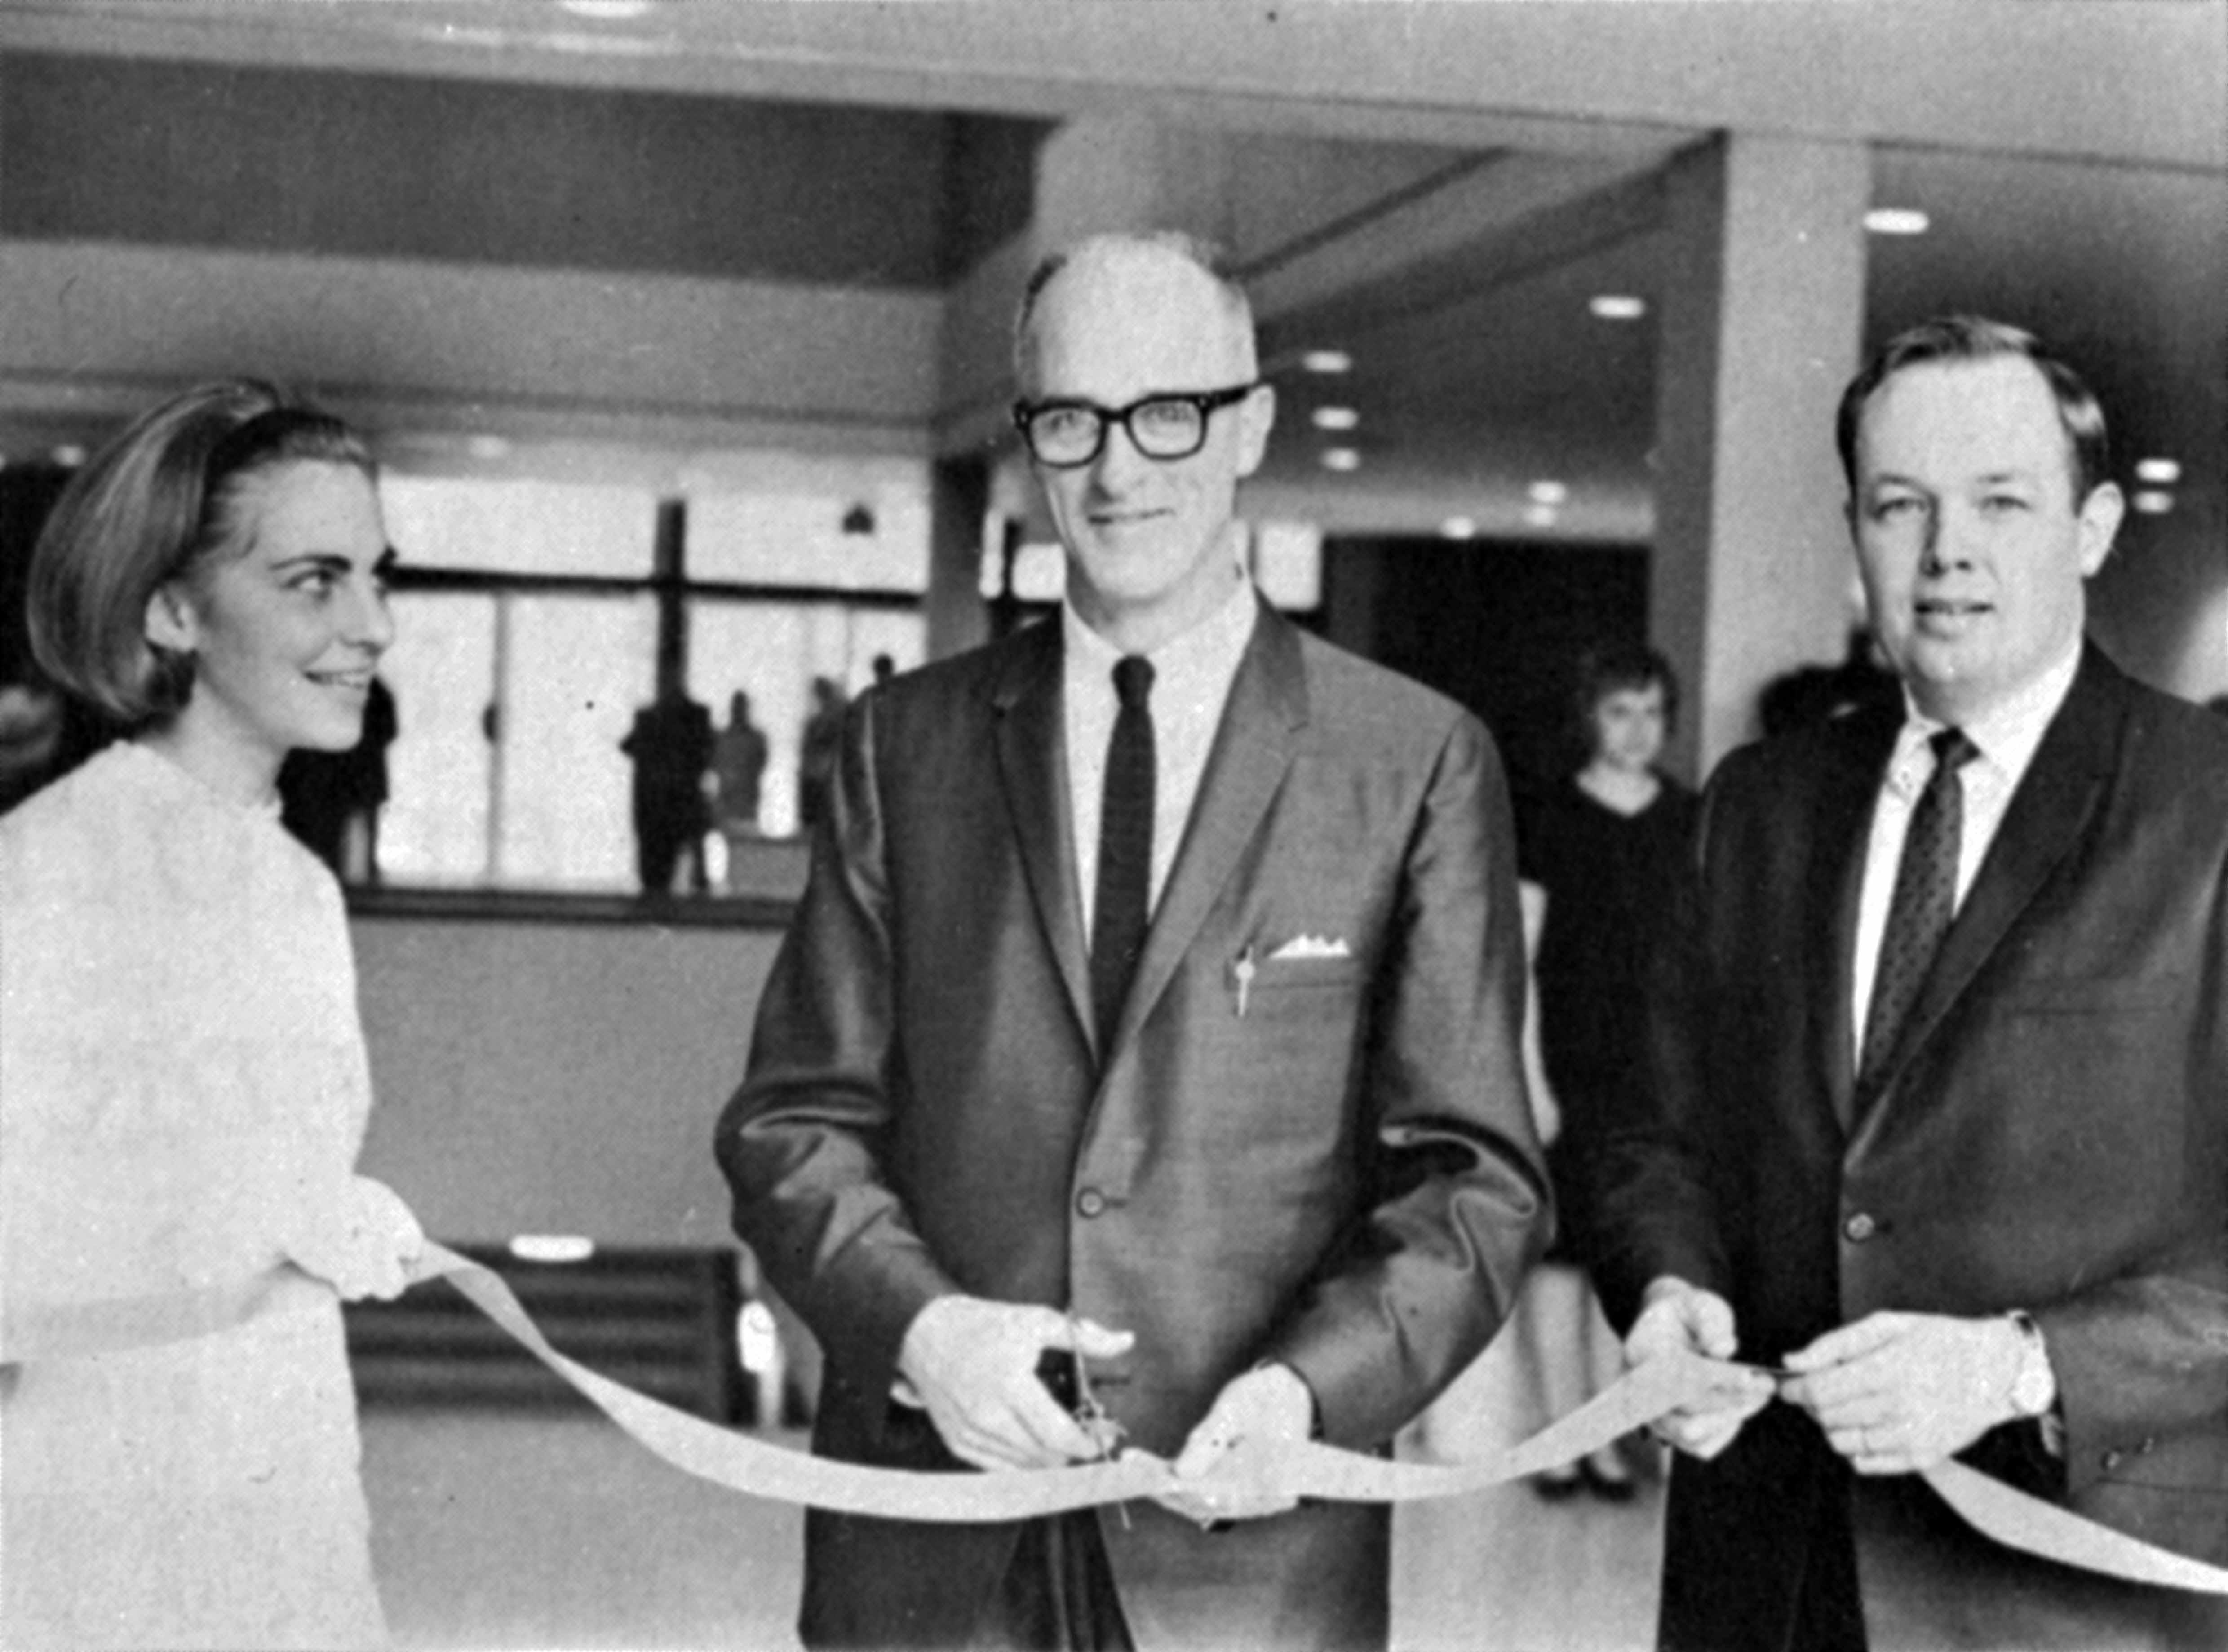 Atwood ribbon cutting at dedication, November 1967